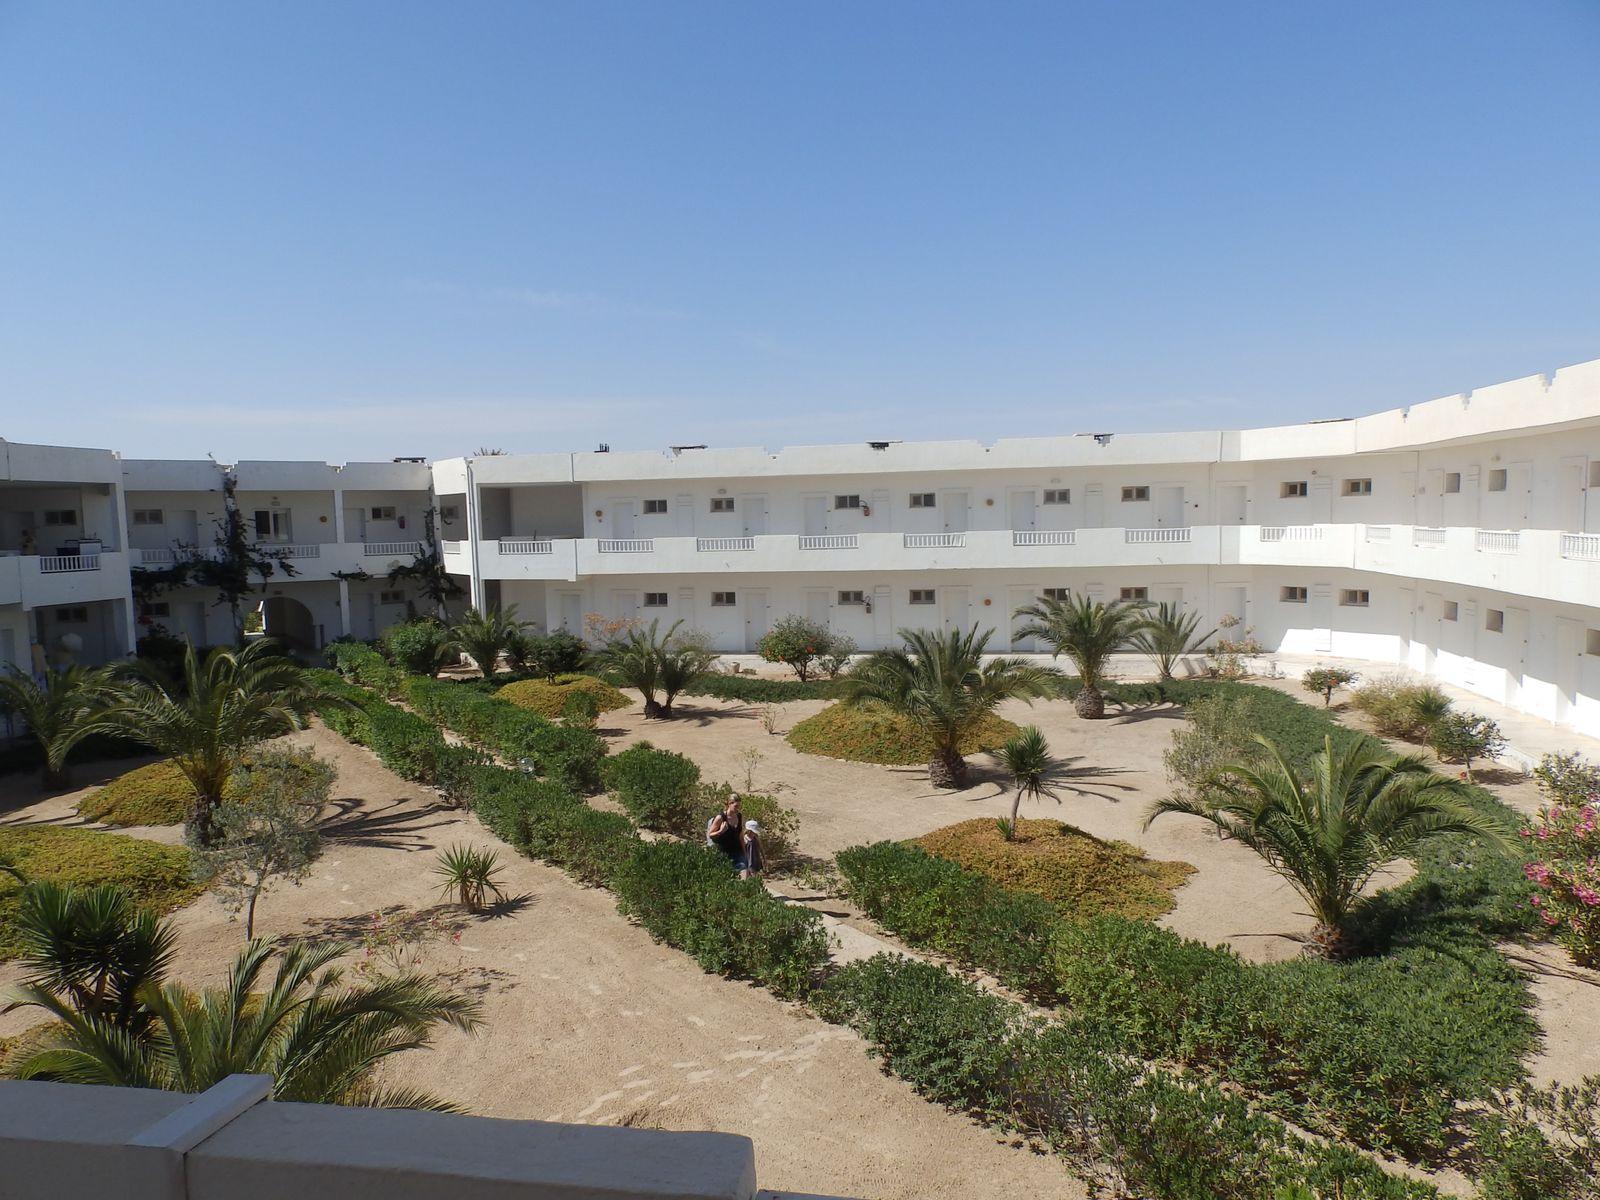 Dernier article sur Djerba